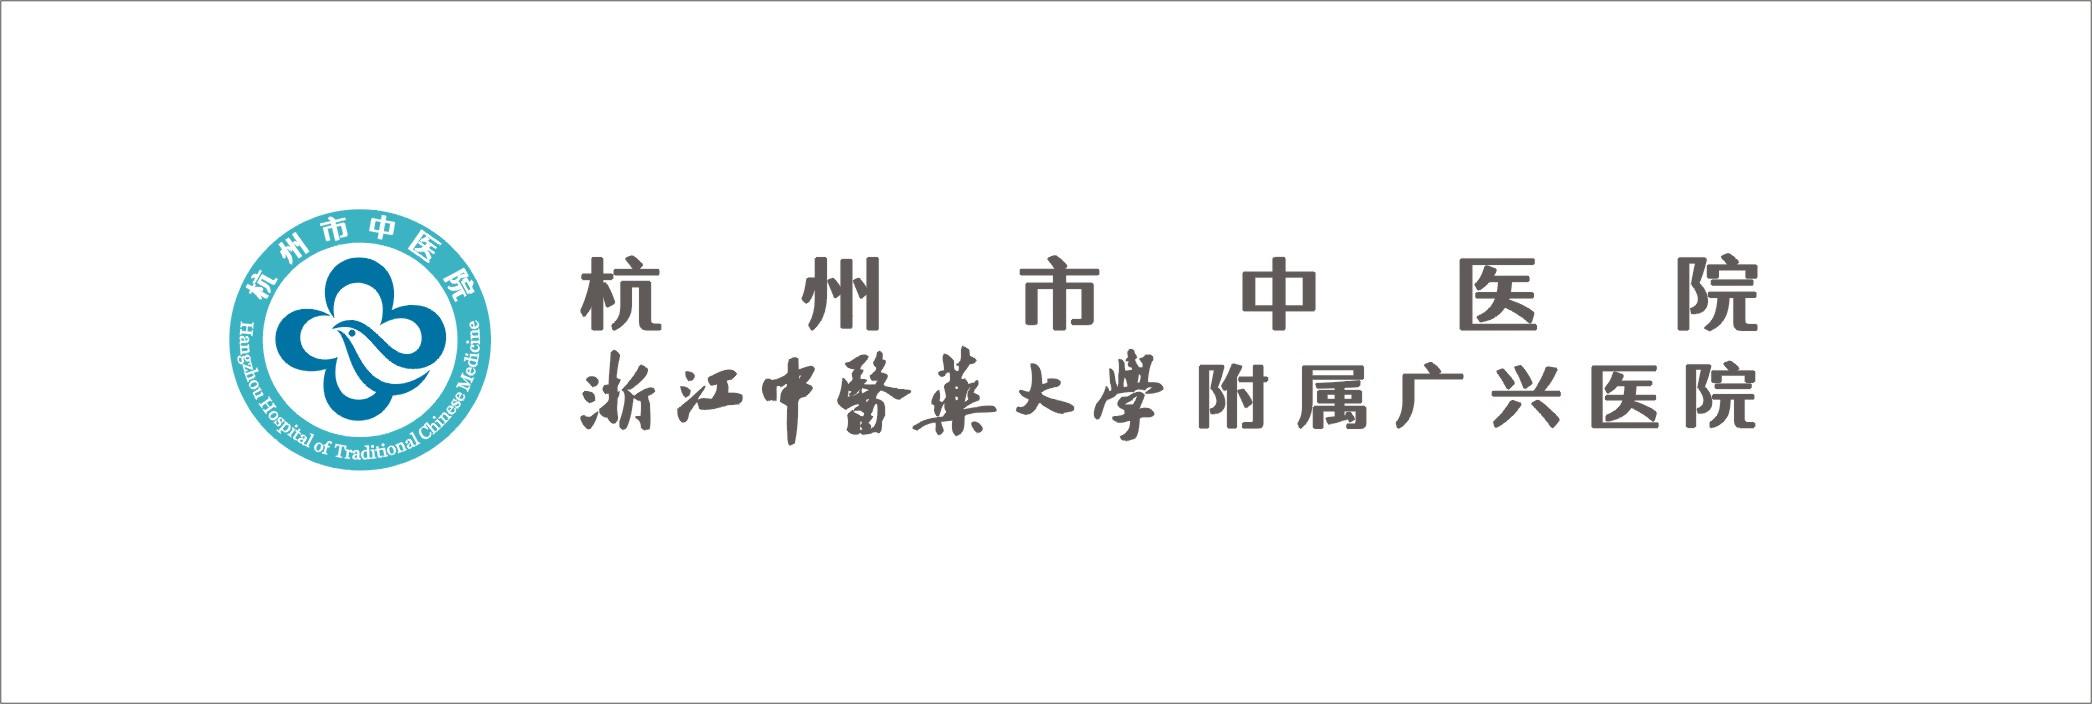 多学科联合治疗睡眠障碍--杭州市中医院